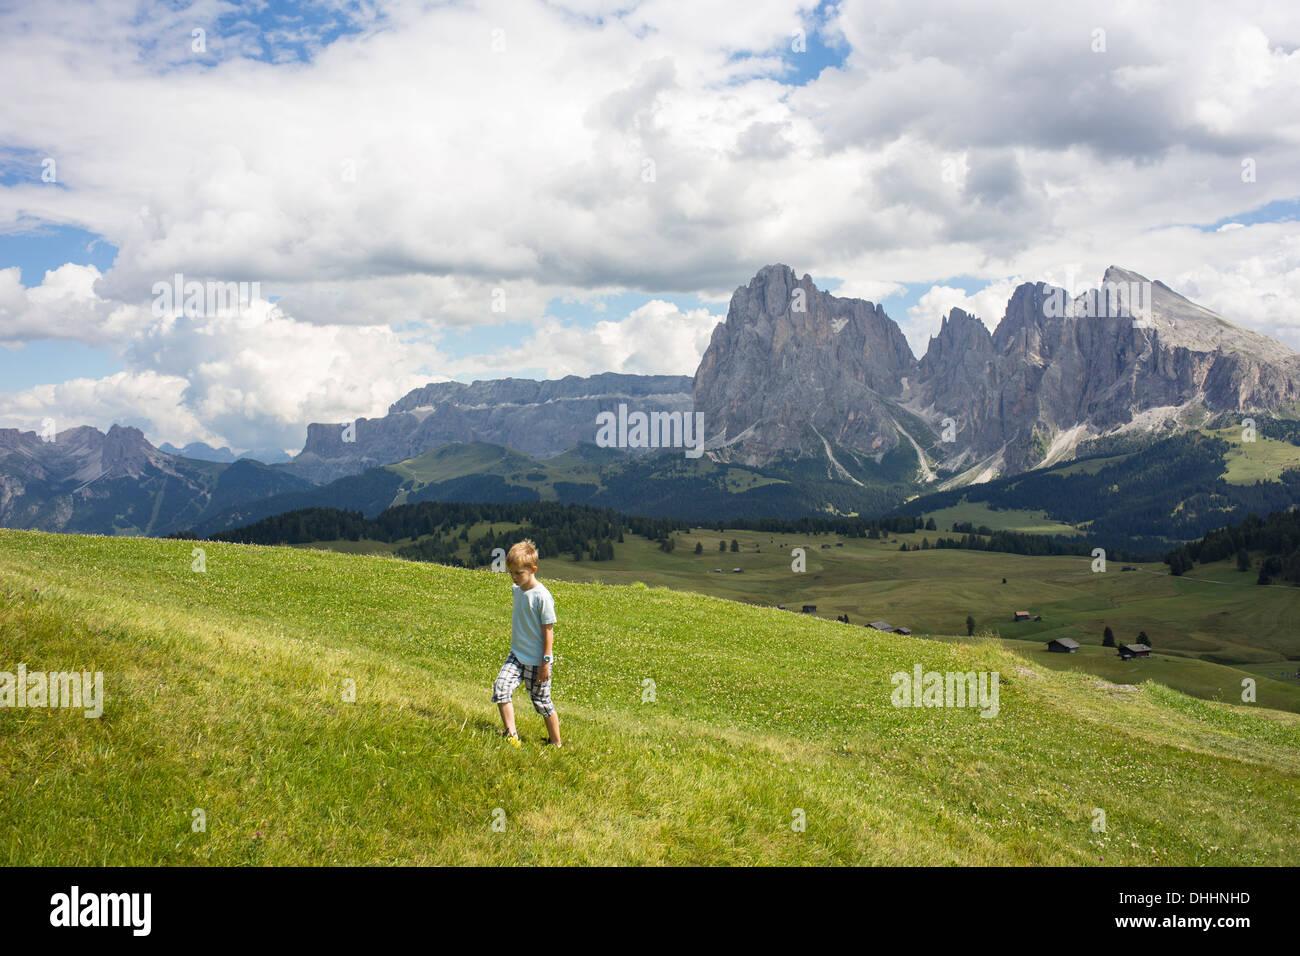 Ragazzo a piedi su per la collina, Alto Alige, Alto Adige, Italia Immagini Stock